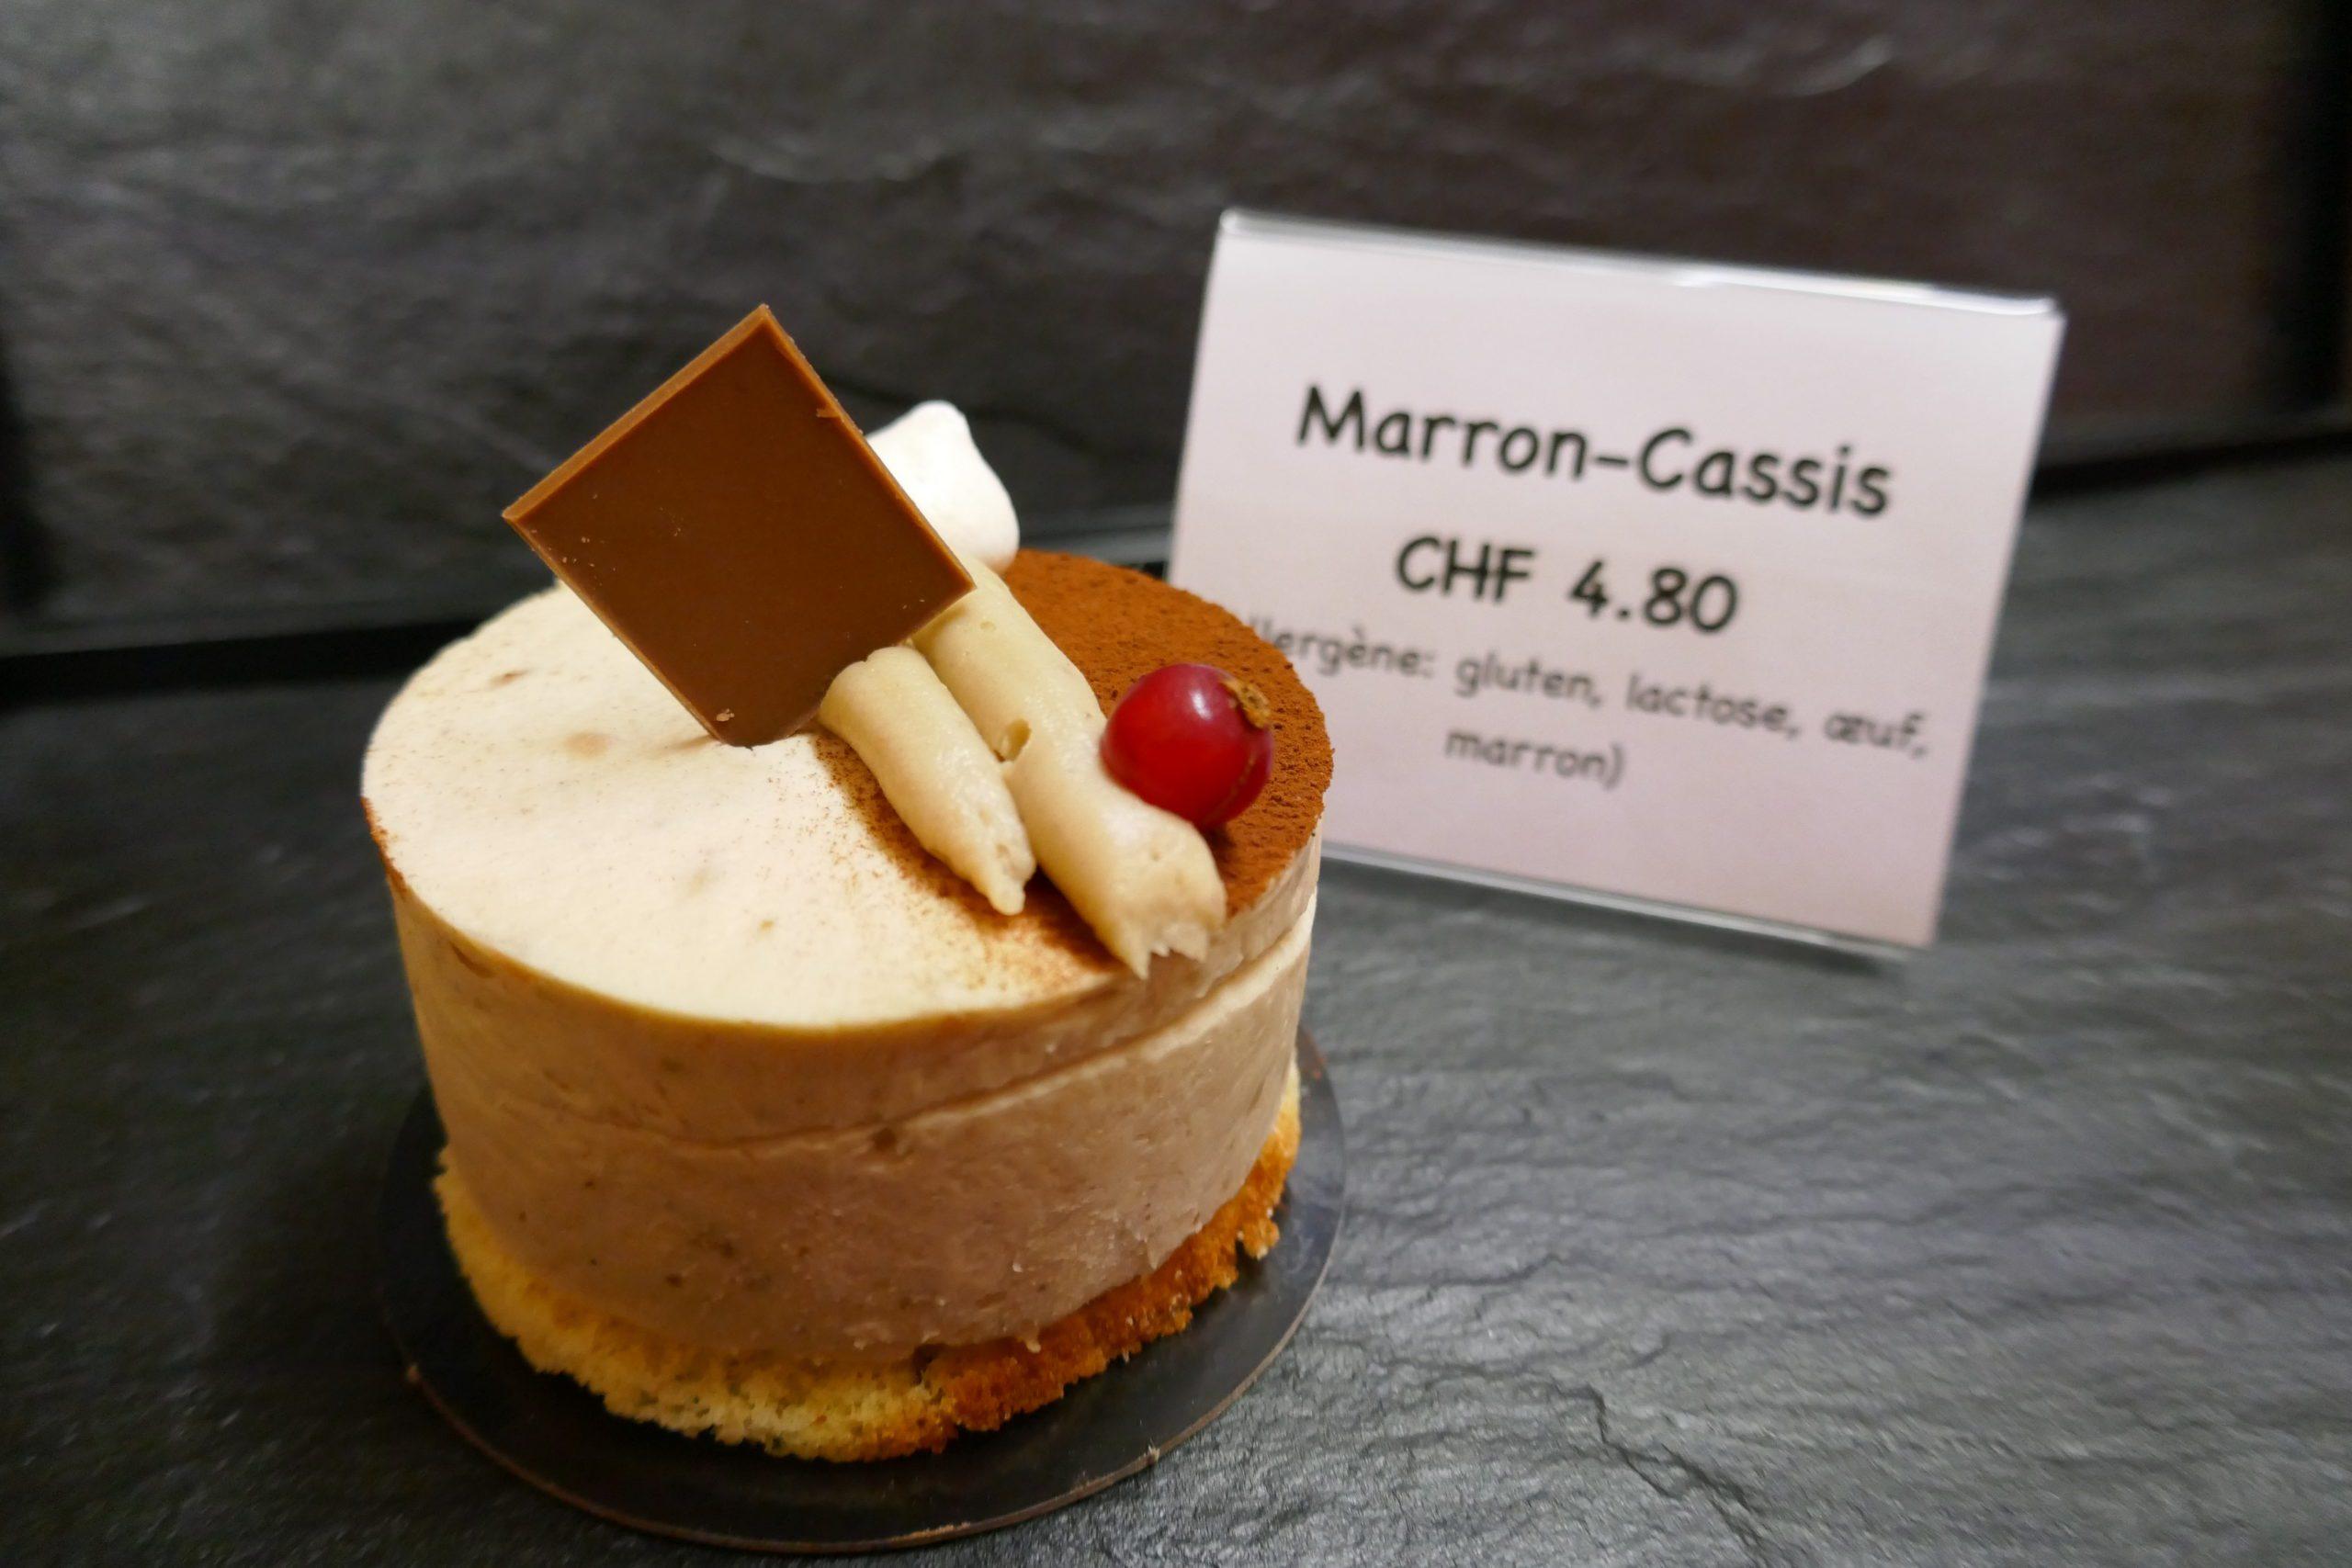 Mousse marron cassis